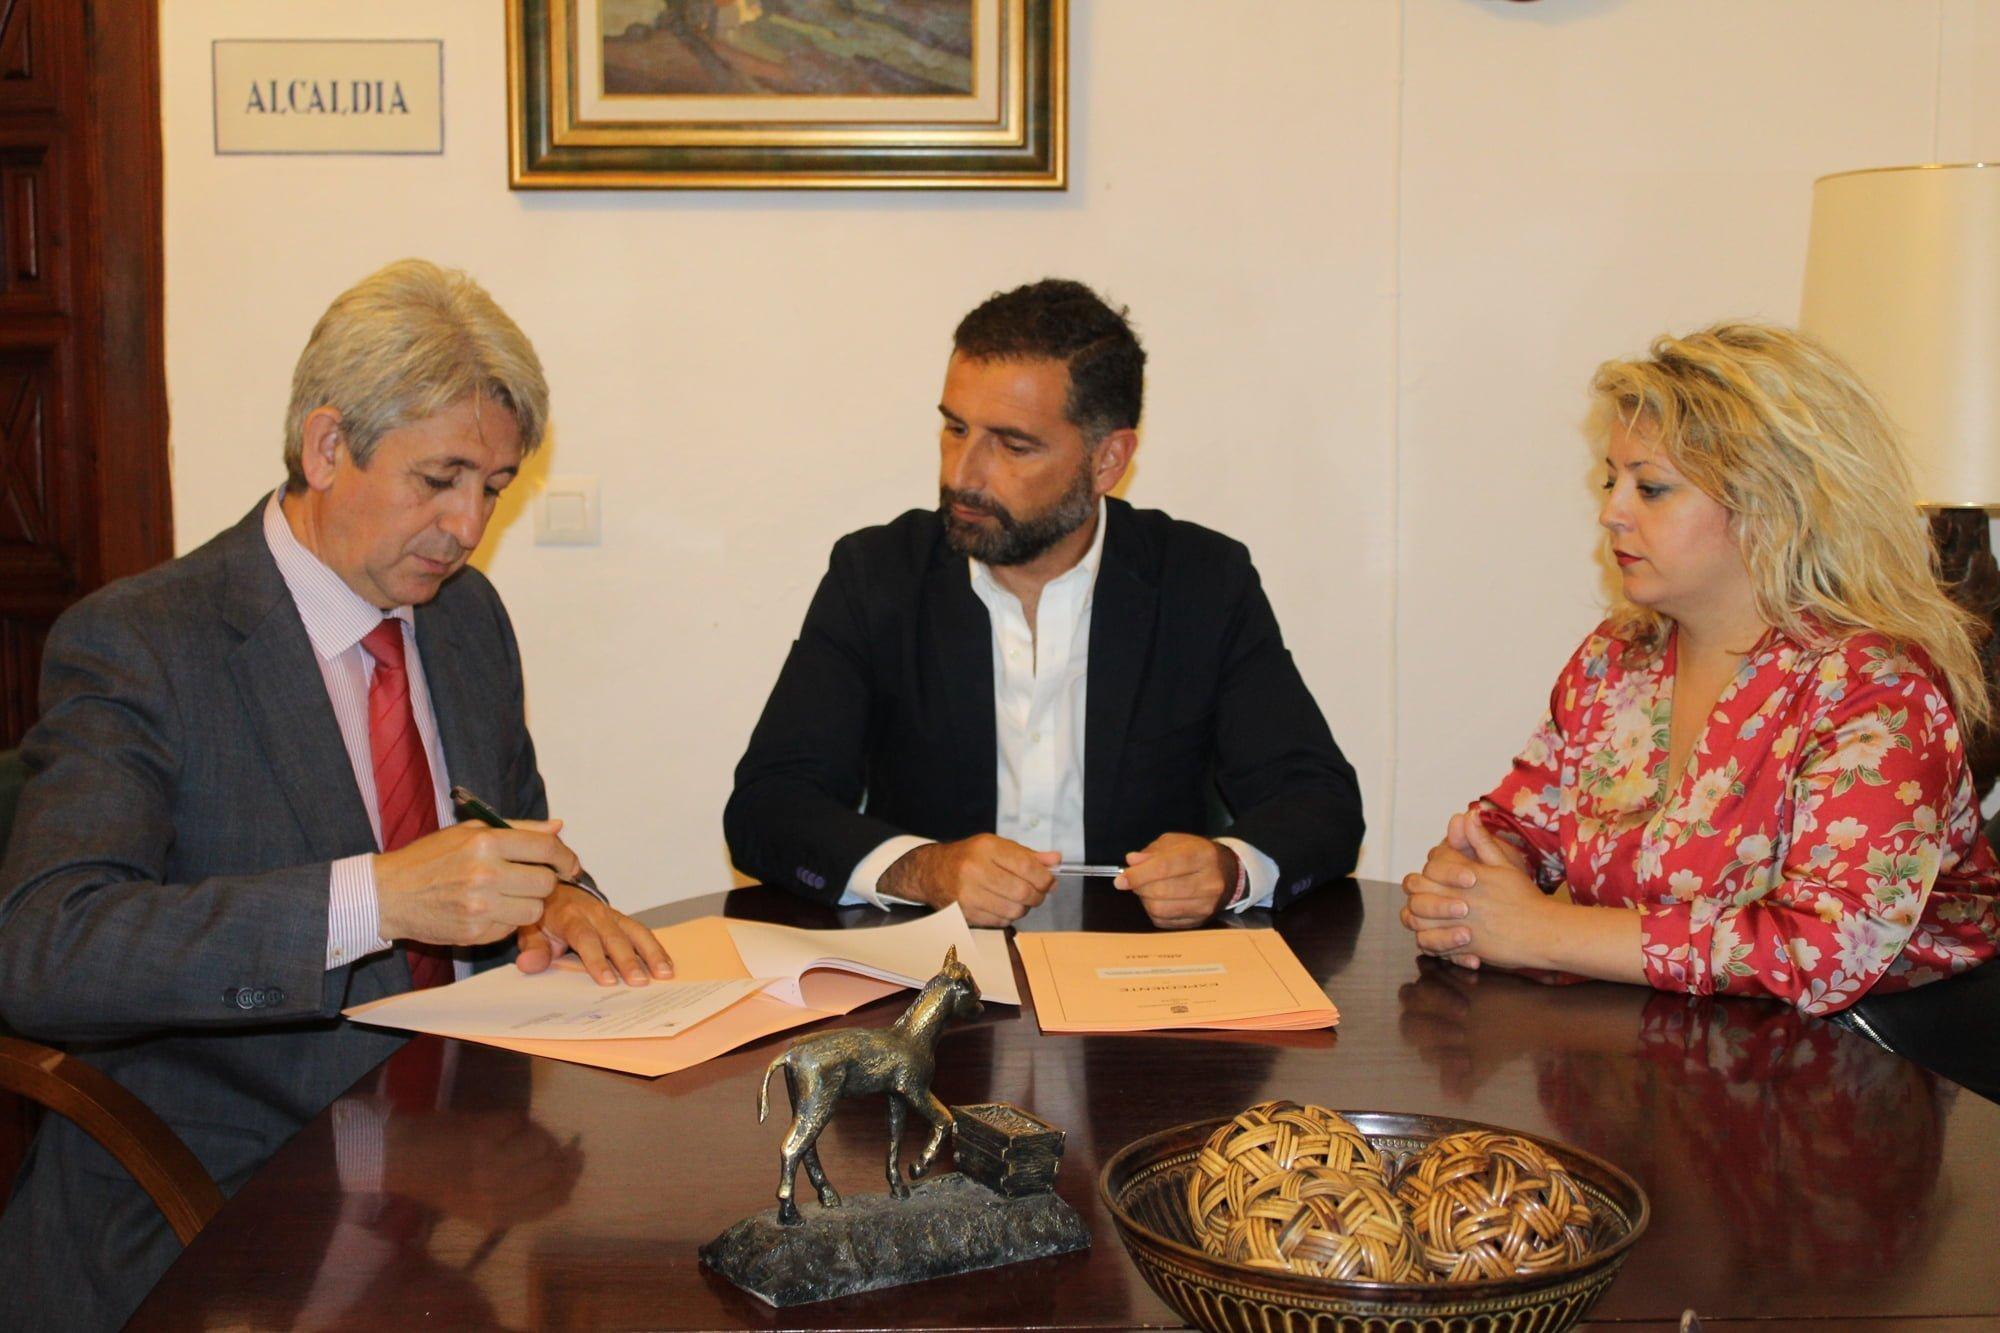 La Fundación Cepsa ha suscrito con la Fundación Municipal de Cultura de Moguer un convenio en apoyo a iniciativas culturales del municipio